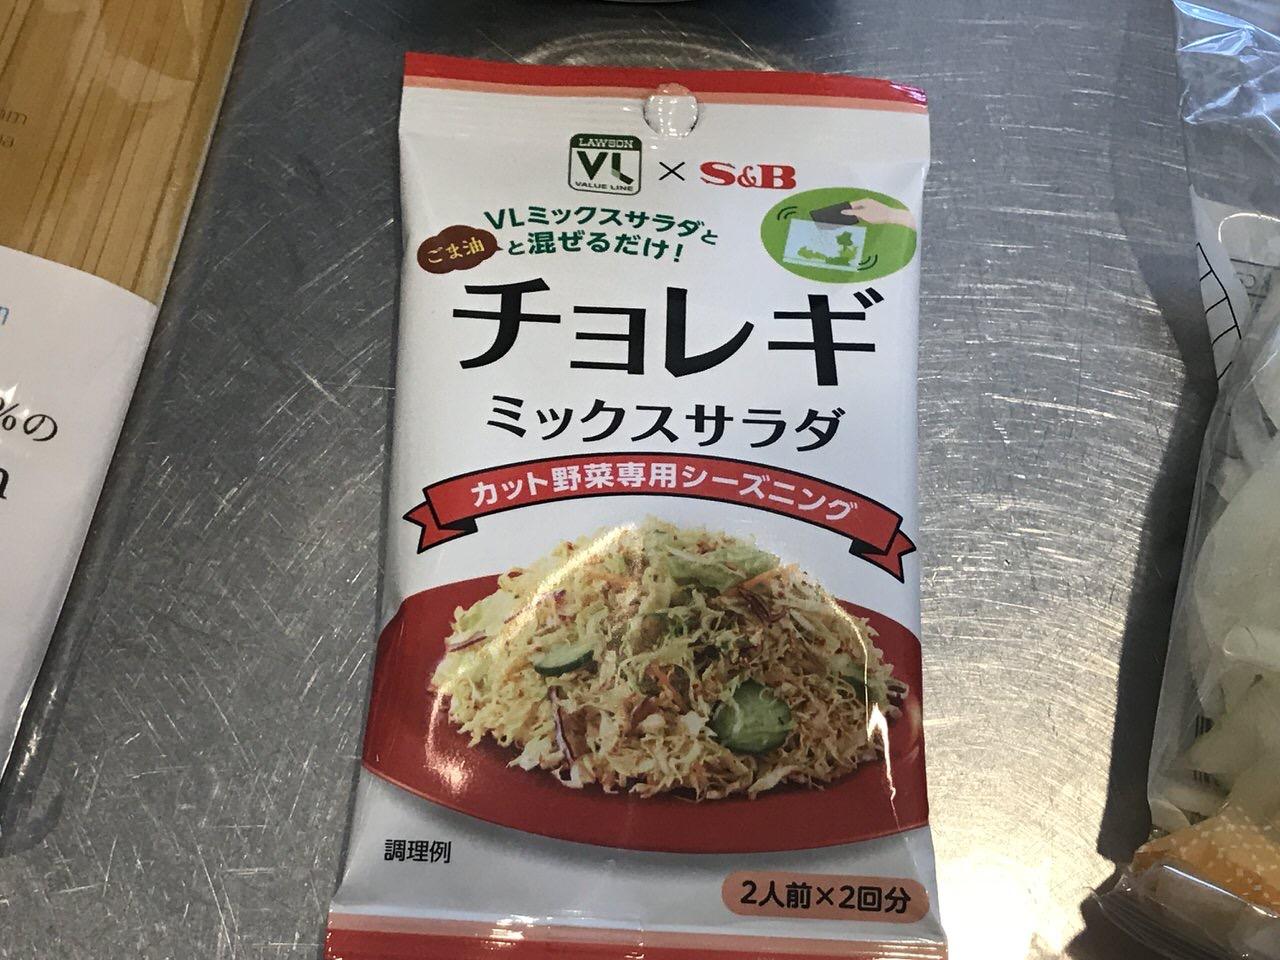 【簡単レシピ】サバ缶と玉ねぎとチョレギなパスタ 2